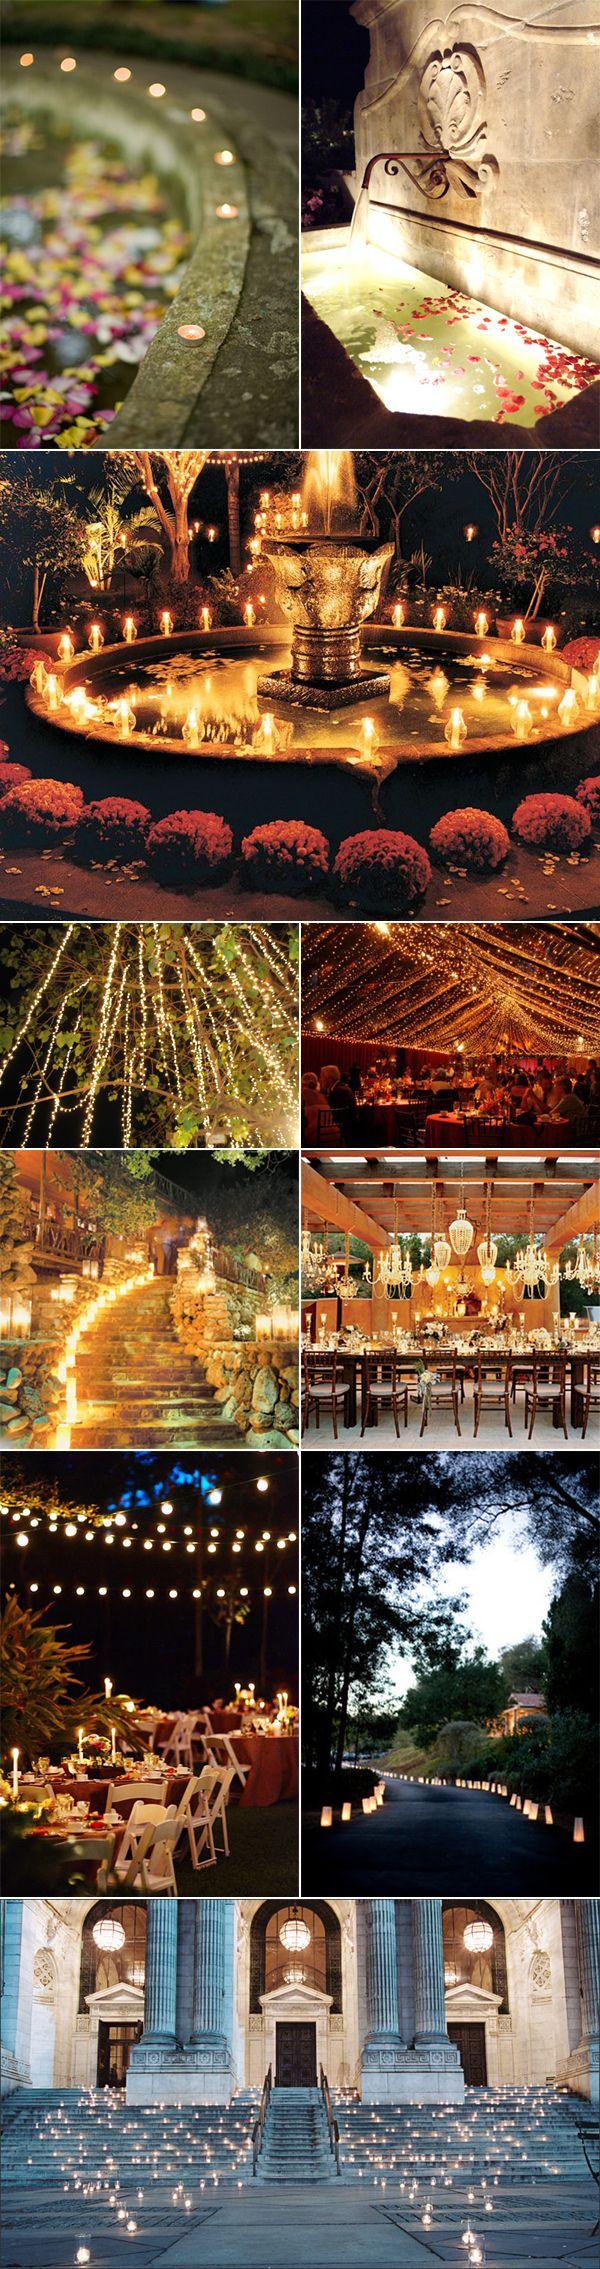 Outdoor Wedding Lighting | Lighting For Your Outdoor Wedding Reception Venue | Pixel & Ink